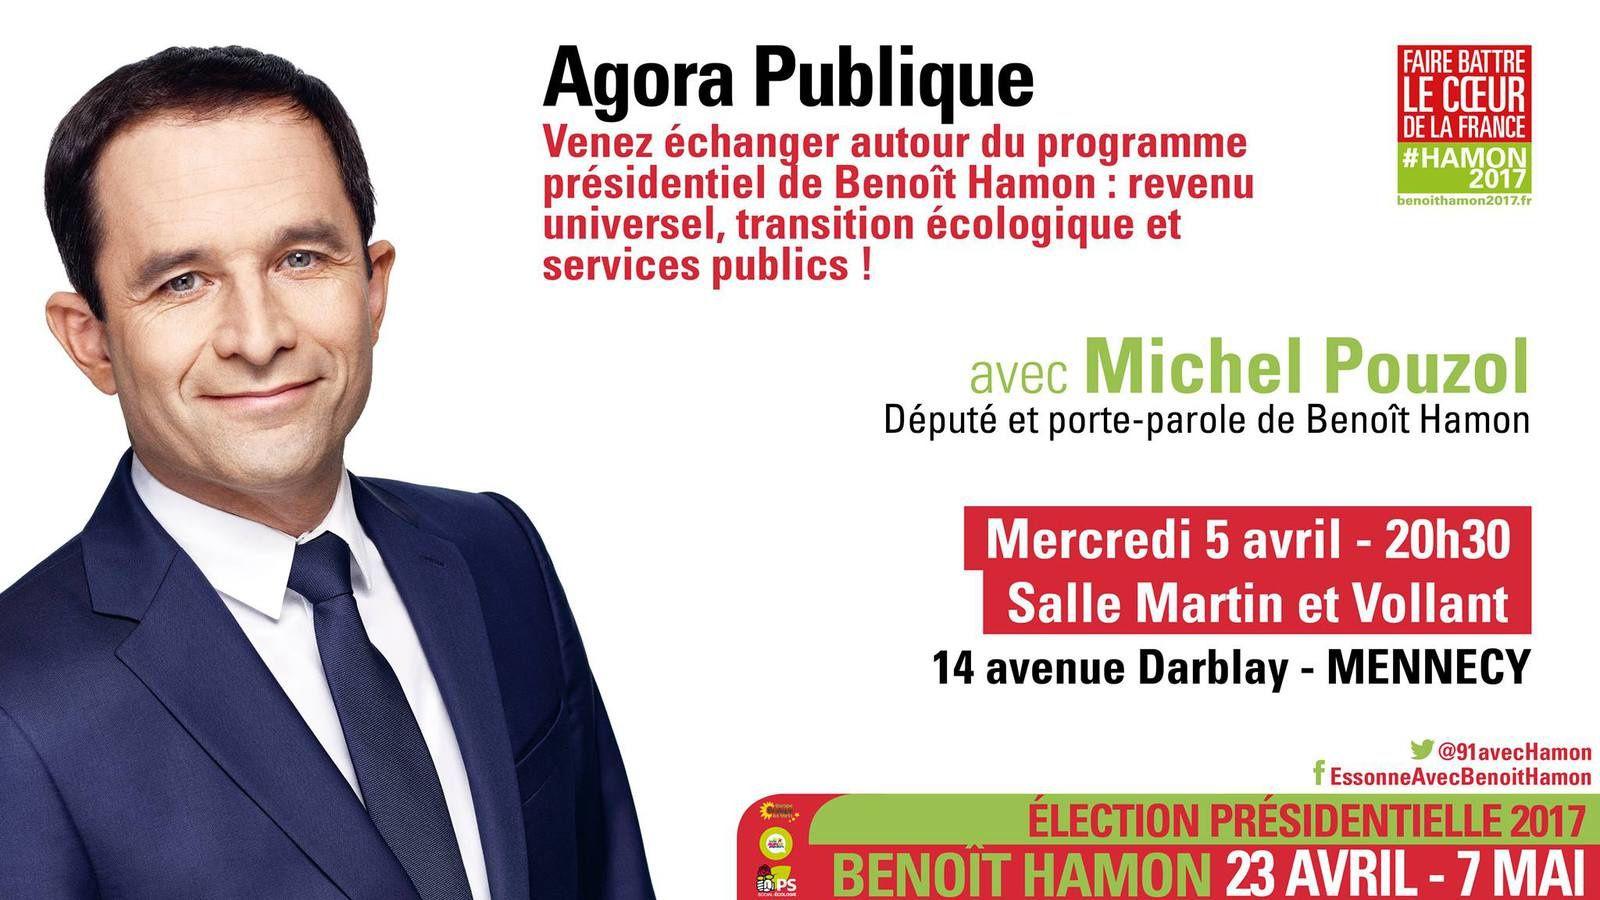 «Entre trahison et conviction : le Parti socialiste, un grand parti, restera fidèle à ses valeurs et son héritage», BA - http://baamadou.over-blog.fr/